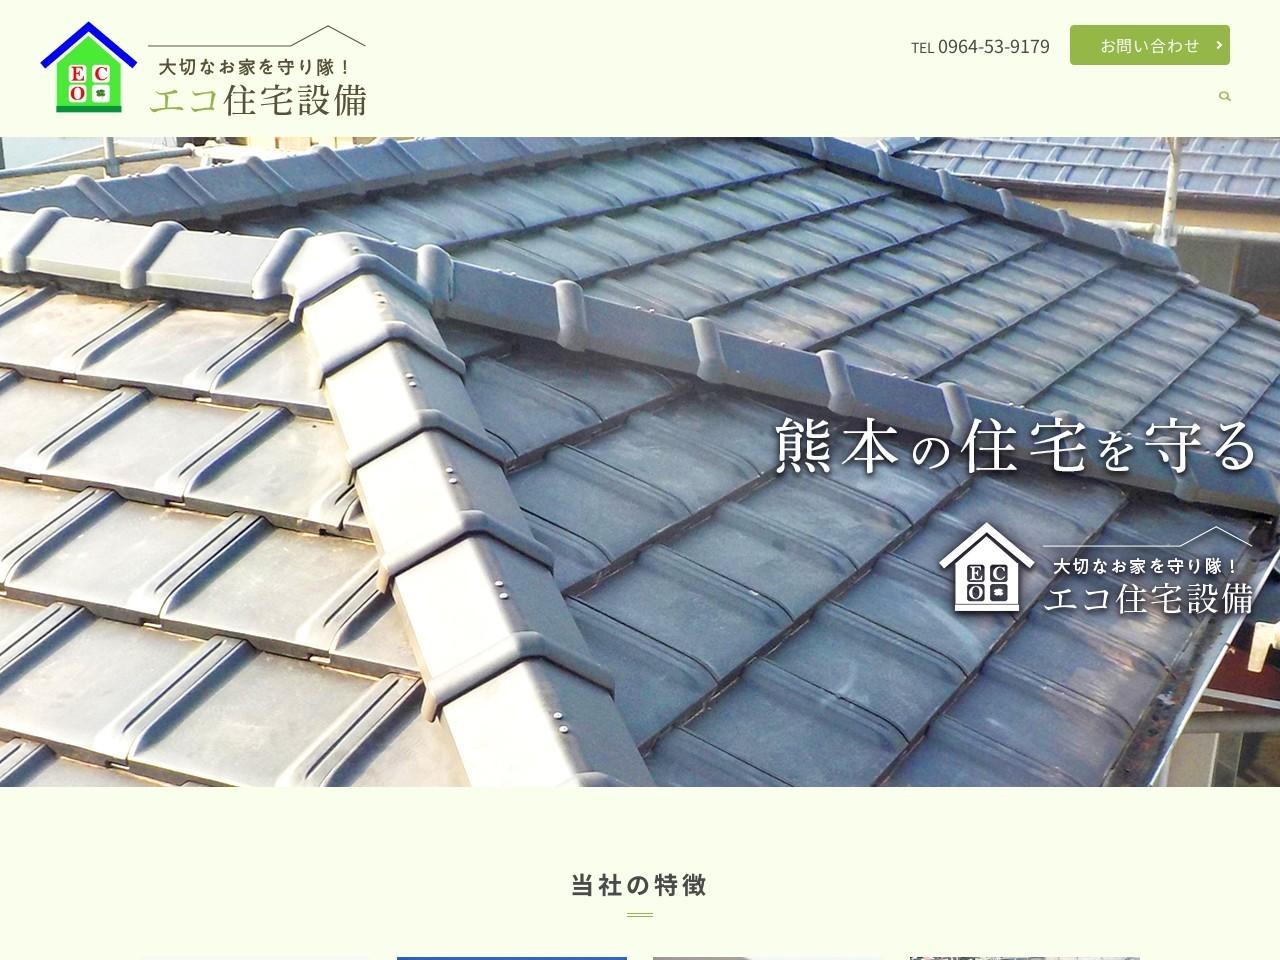 エコ住宅設備